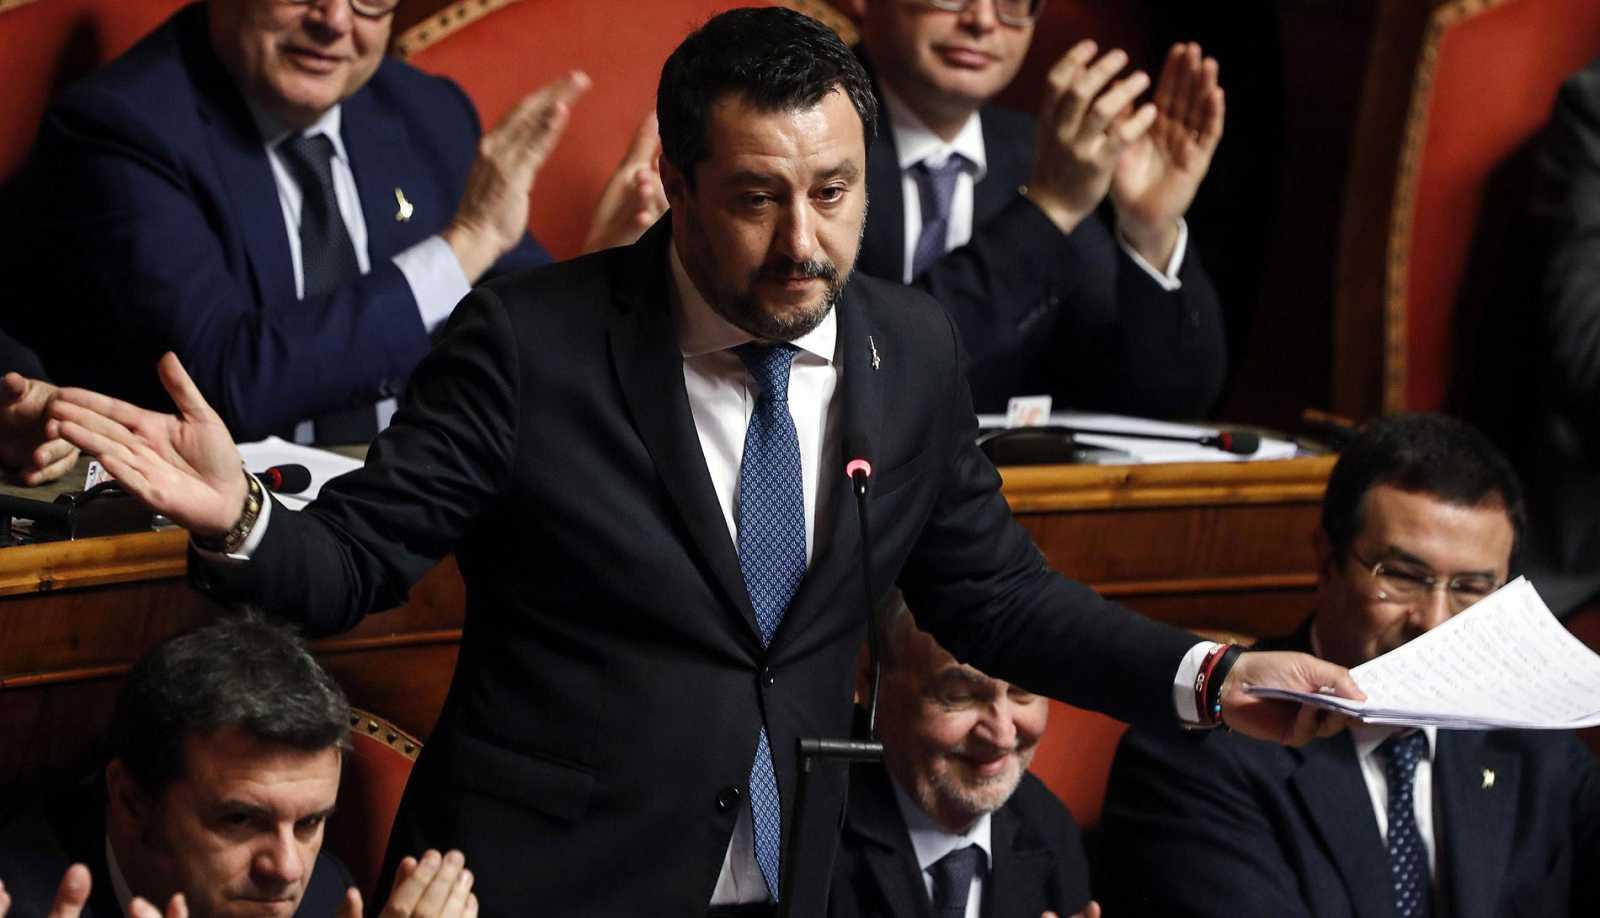 El Senado autoriza que Salvini sea juzgado por su política migratoria cuando era ministro del Interior